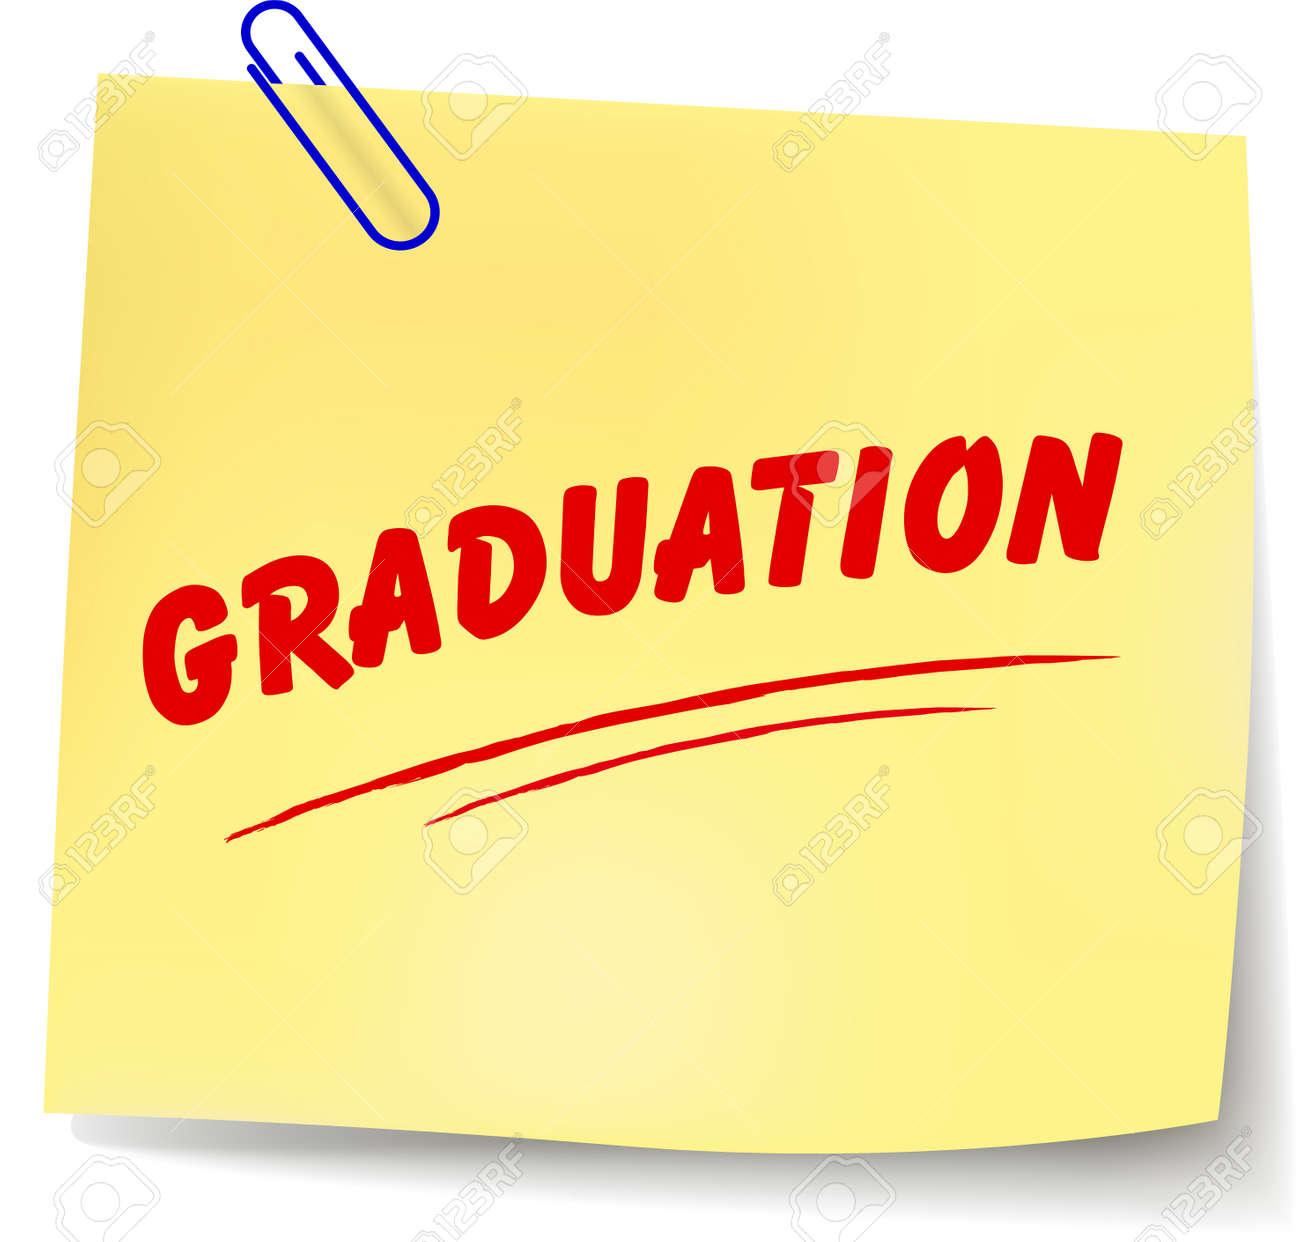 白い背景の上の卒業論文メッセージのベクトル イラストのイラスト素材